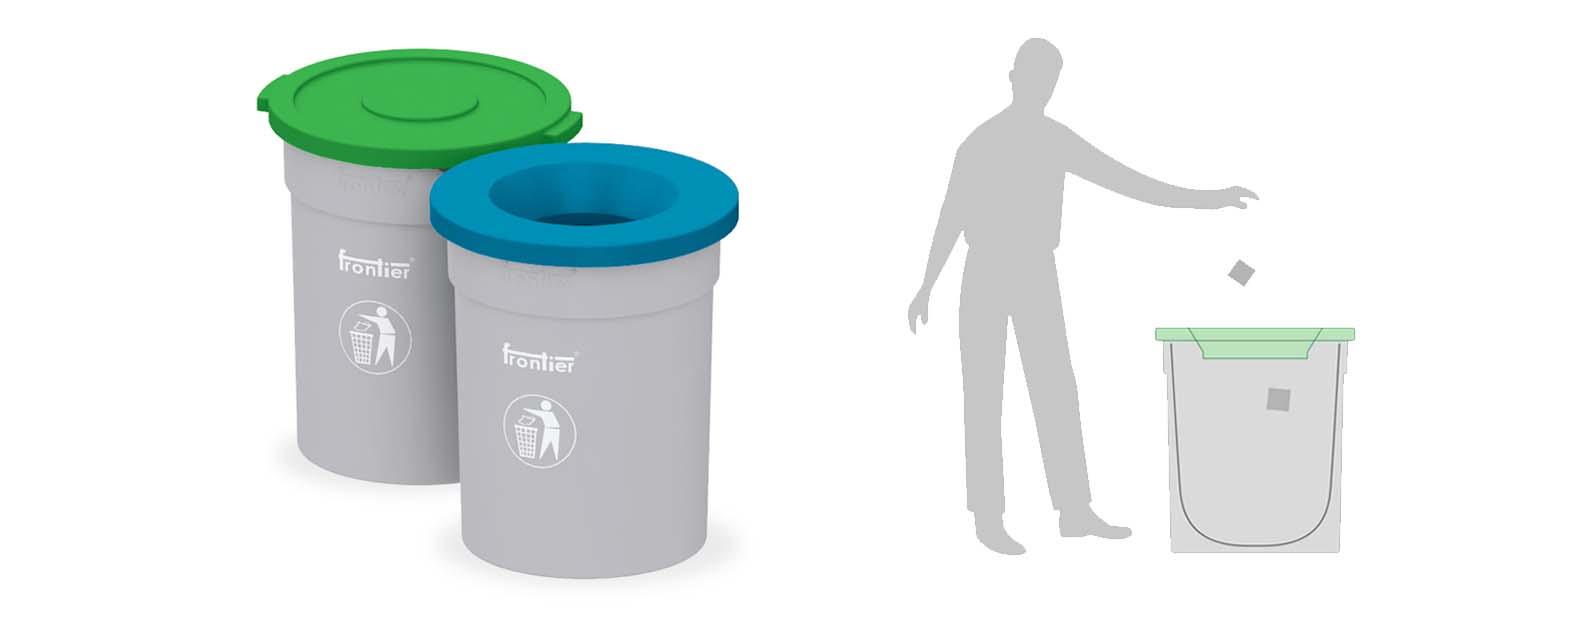 Round bins 6